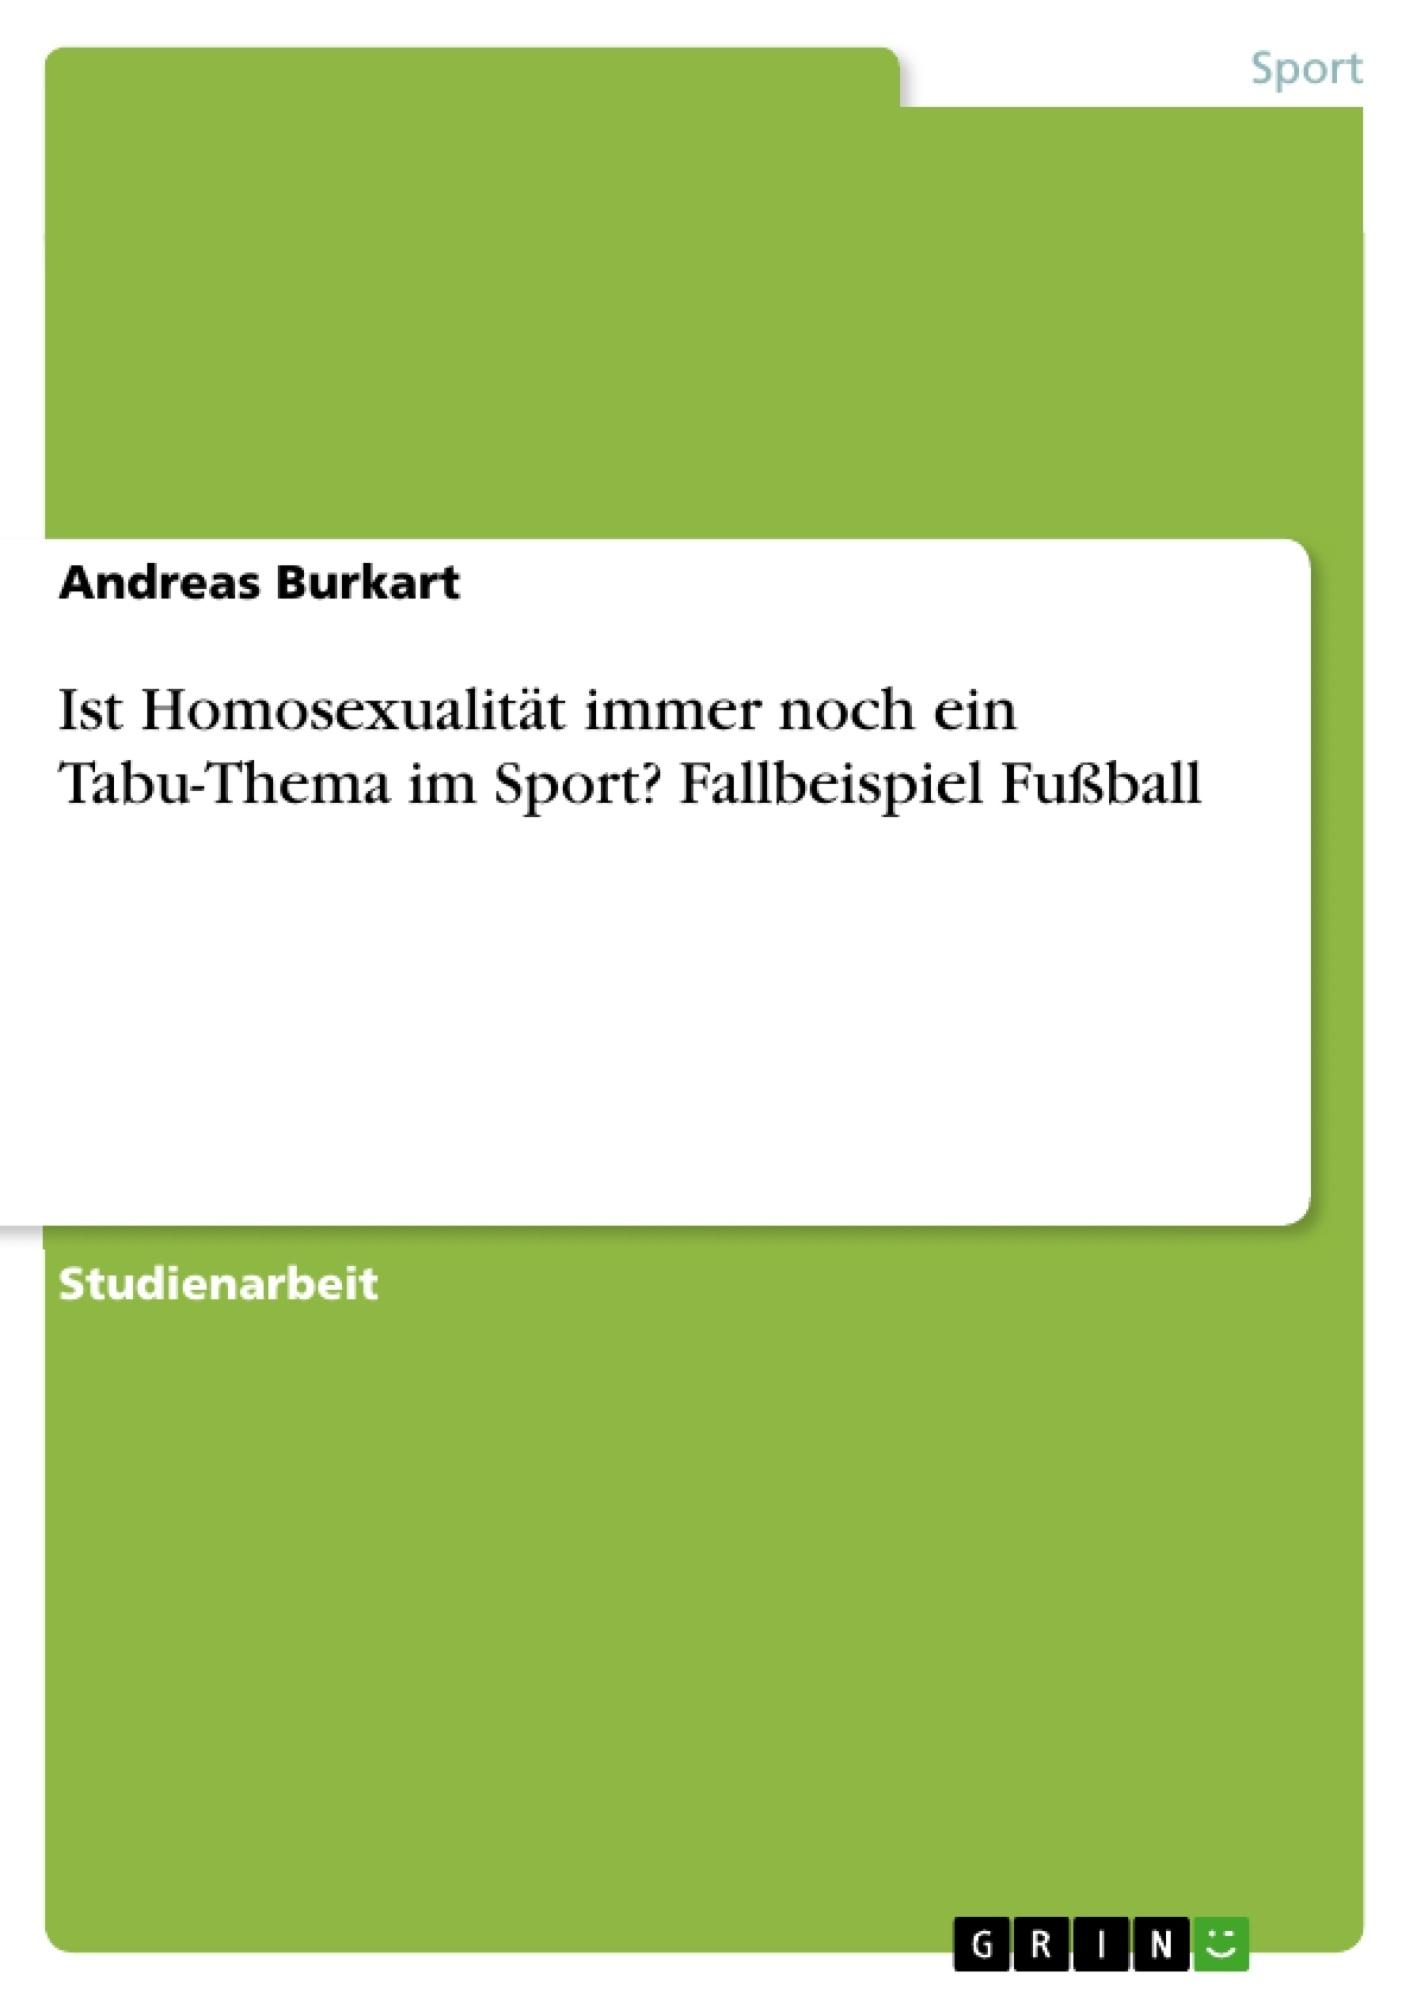 Titel: Ist Homosexualität immer noch ein Tabu-Thema im Sport? Fallbeispiel Fußball